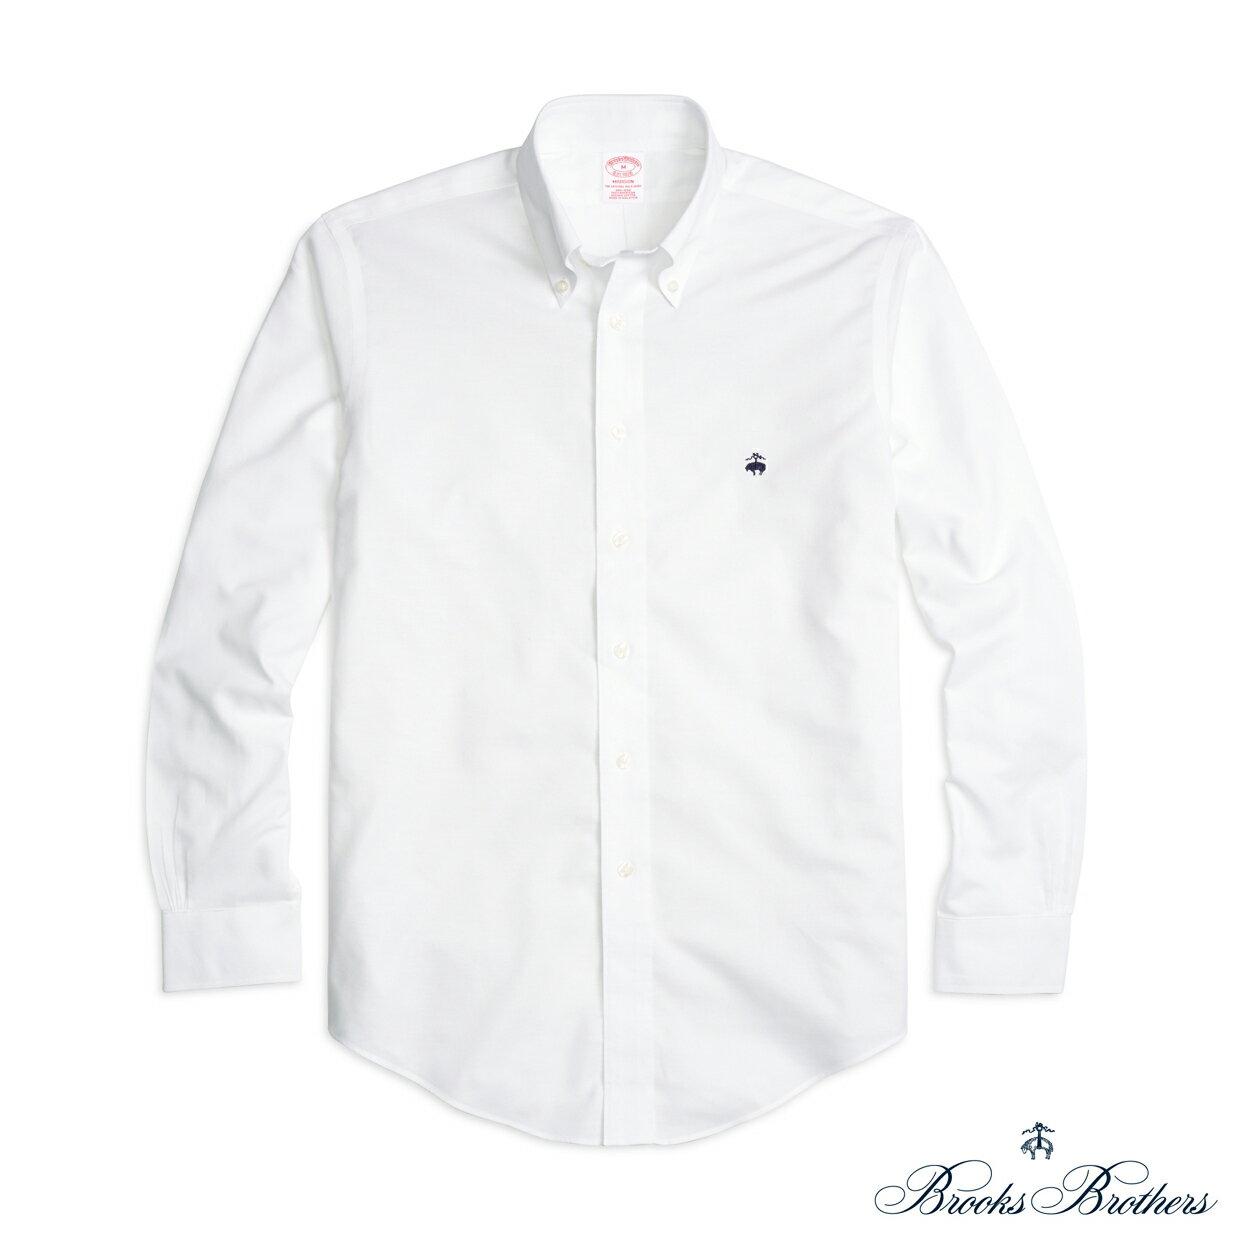 美國百分百【全新真品】Brooks Brothers 布克兄弟 牛津 襯衫 長袖 休閒 上衣 白色 S號 F772